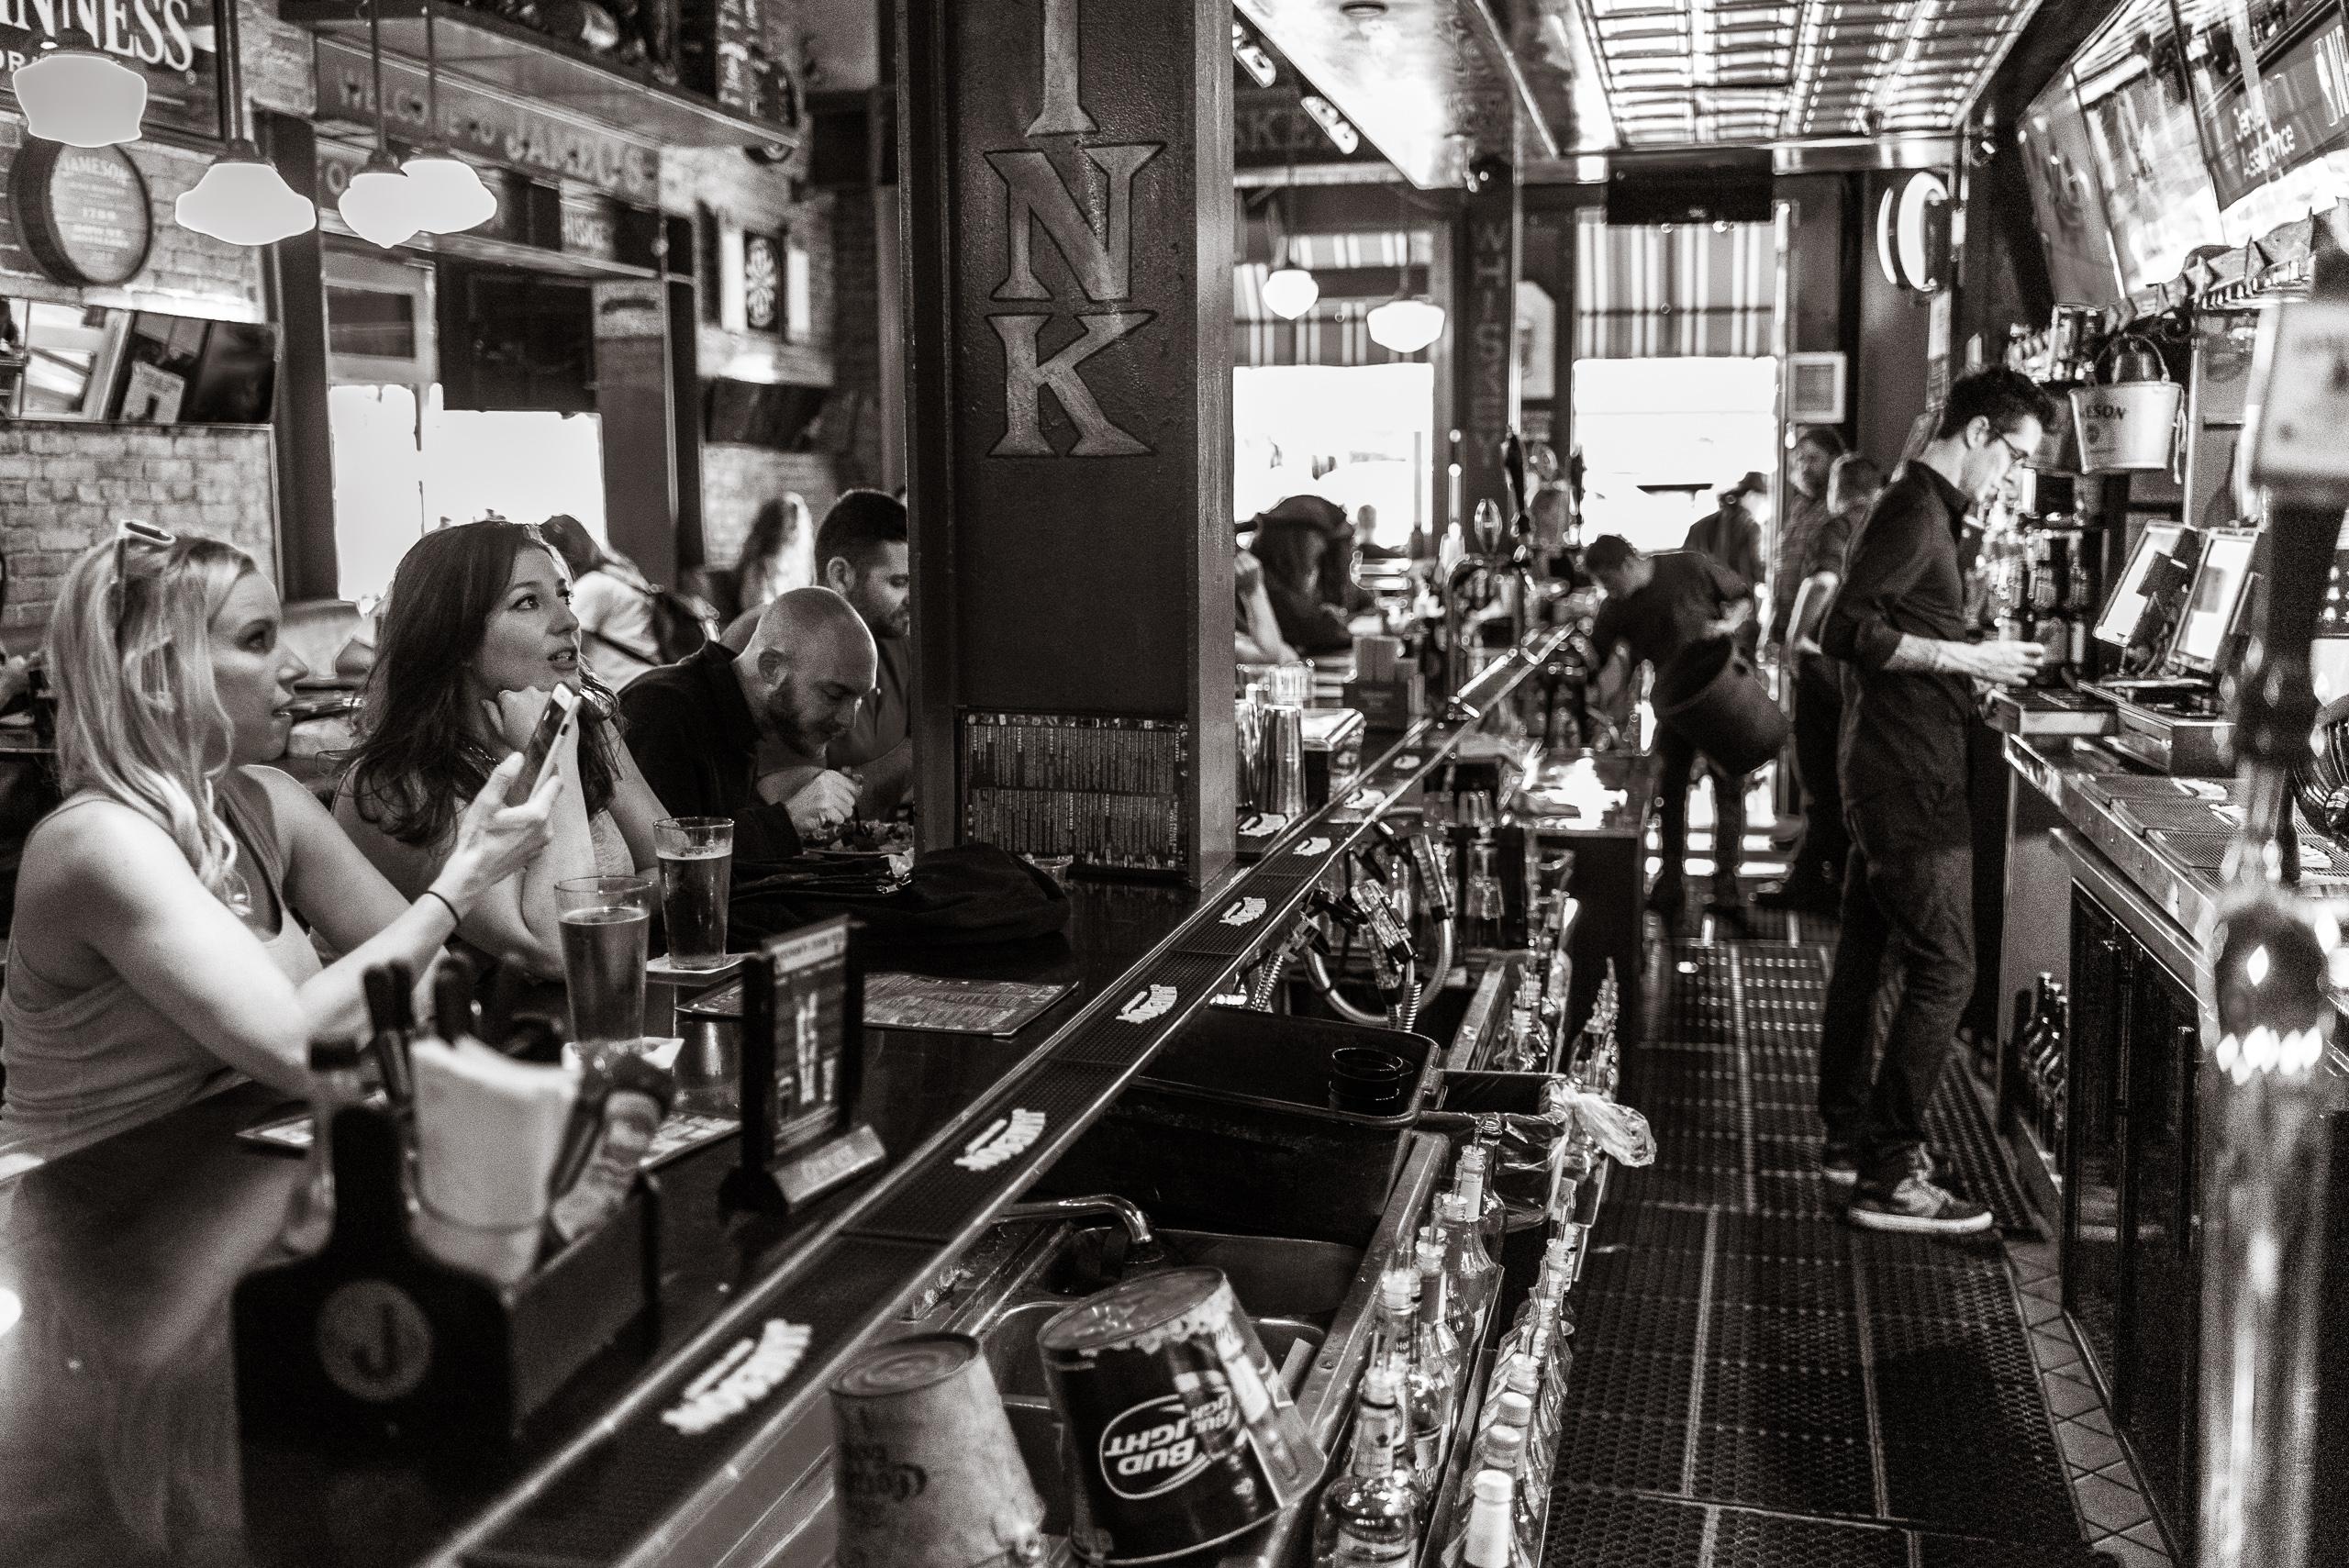 Jameson's Irish Pub & Sports Grill, 6:17pm